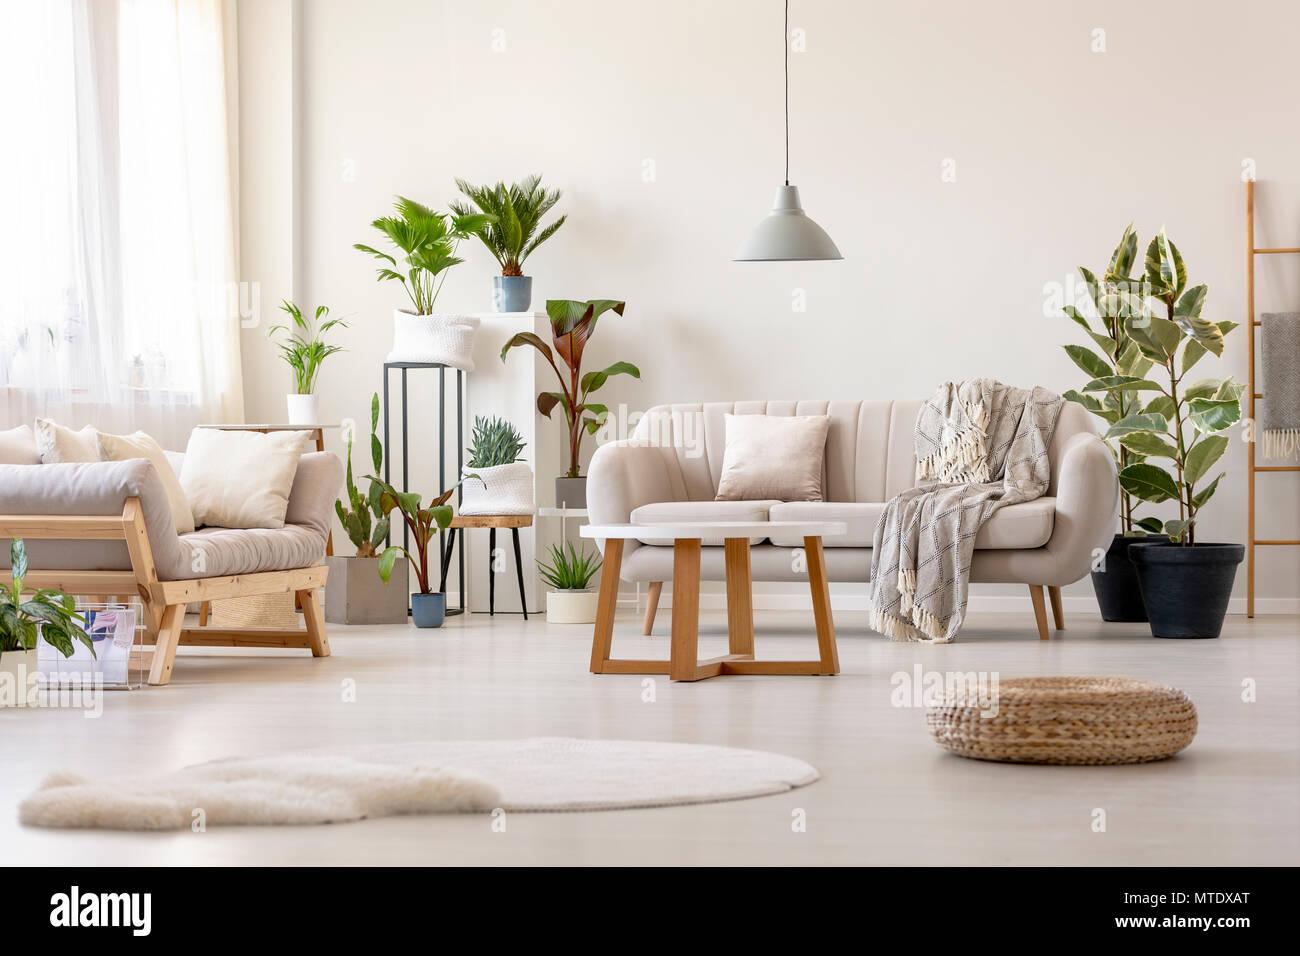 Pouf Nachste Im Hellen Wohnzimmer Einrichtung Mit Pflanzen Und Beige Couch Zu Teppich Real Photo Stockfotografie Alamy